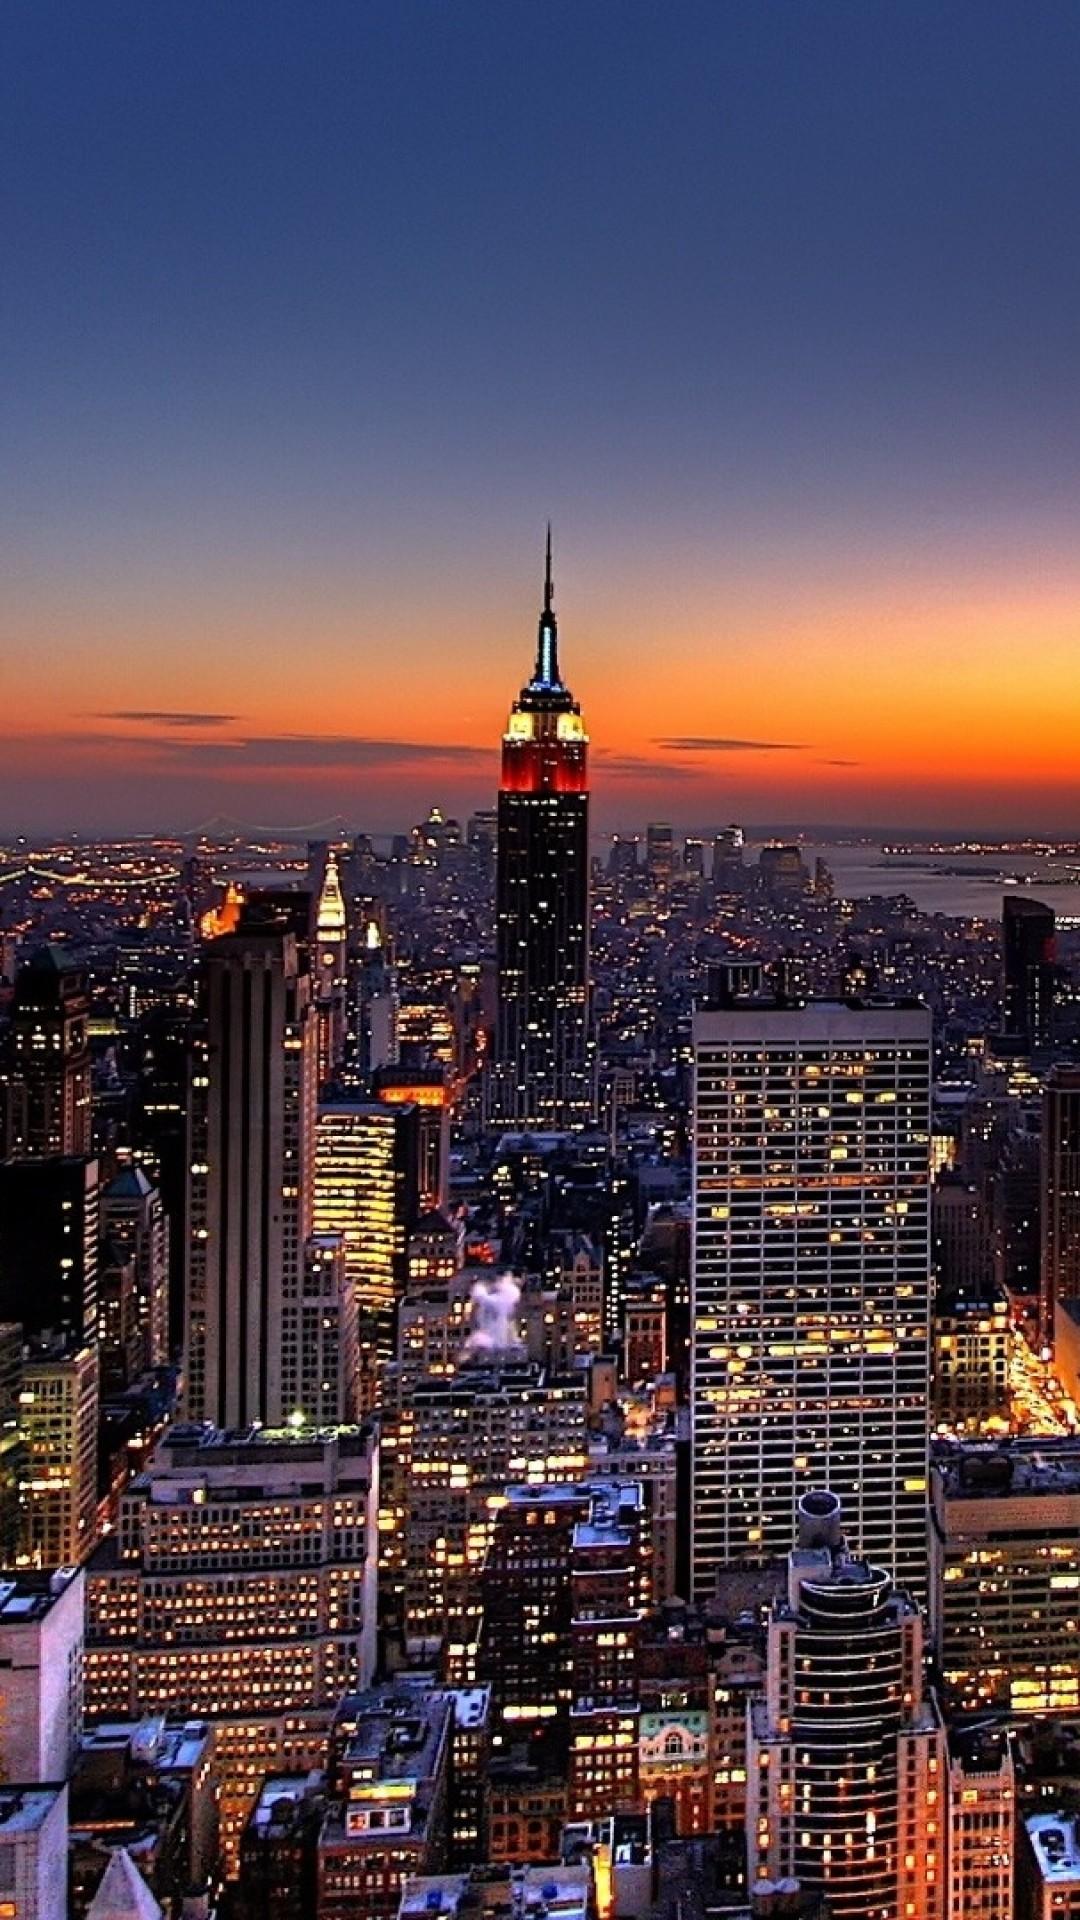 New York Skyline Wallpaper (58+ Images